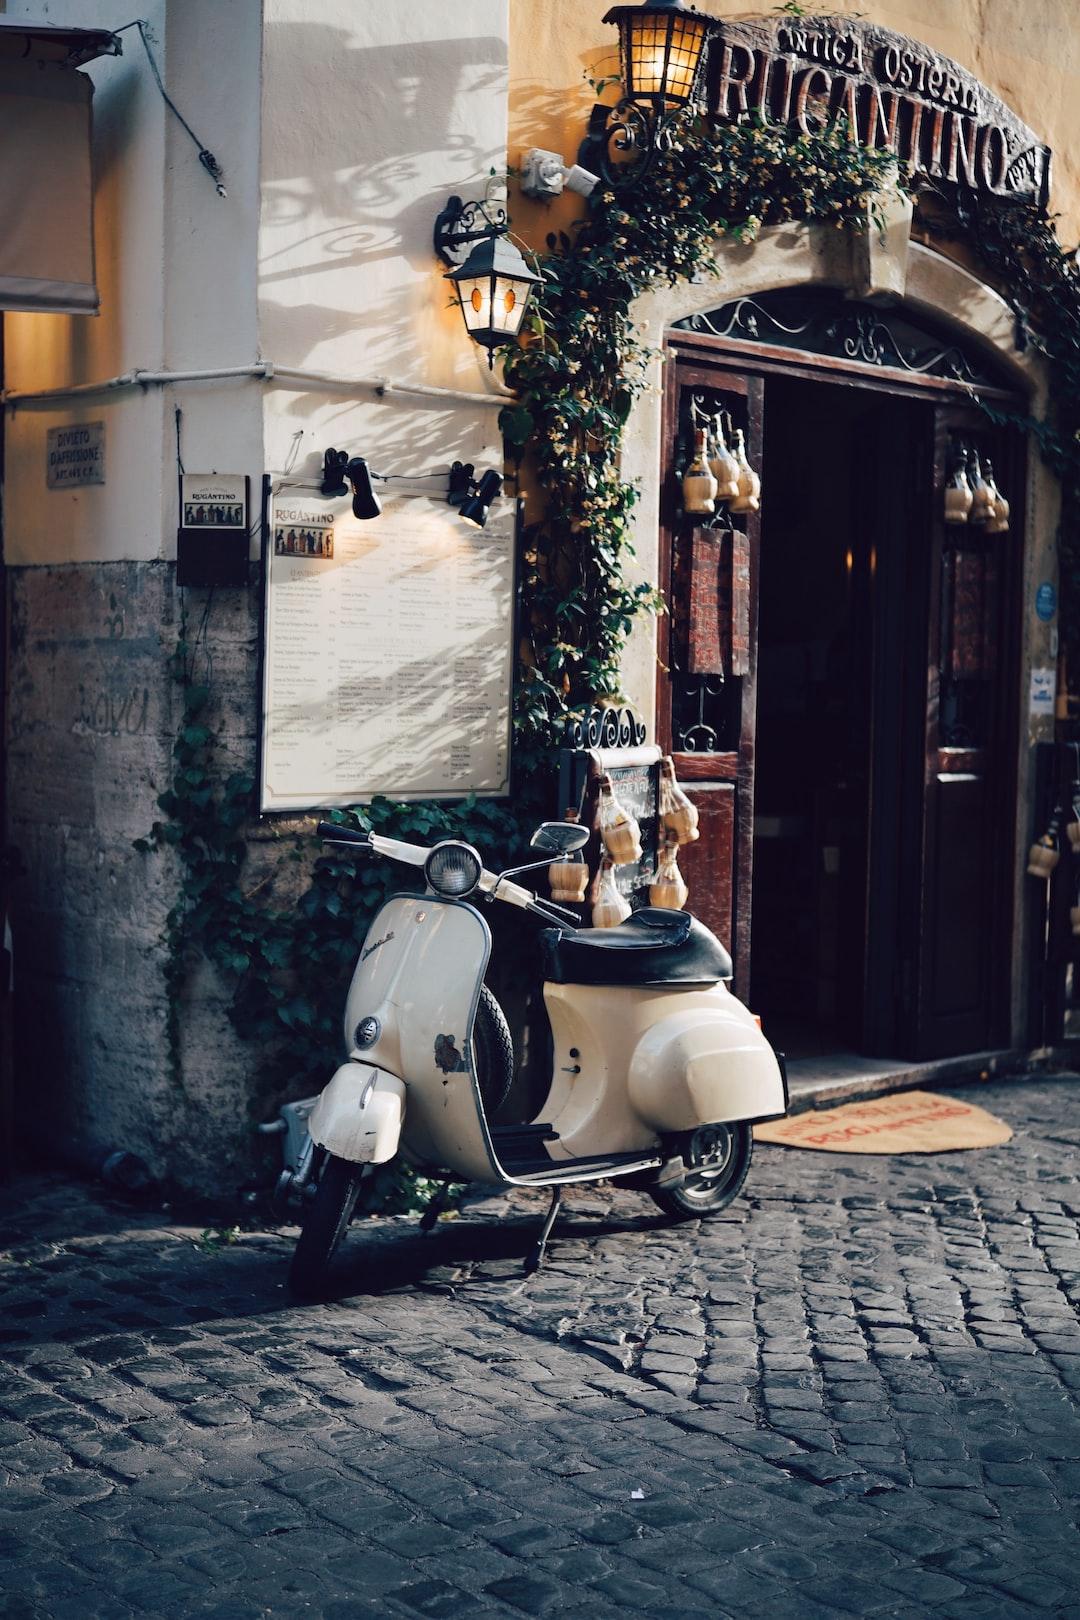 Old Vespa moped in Trastevere, Rome